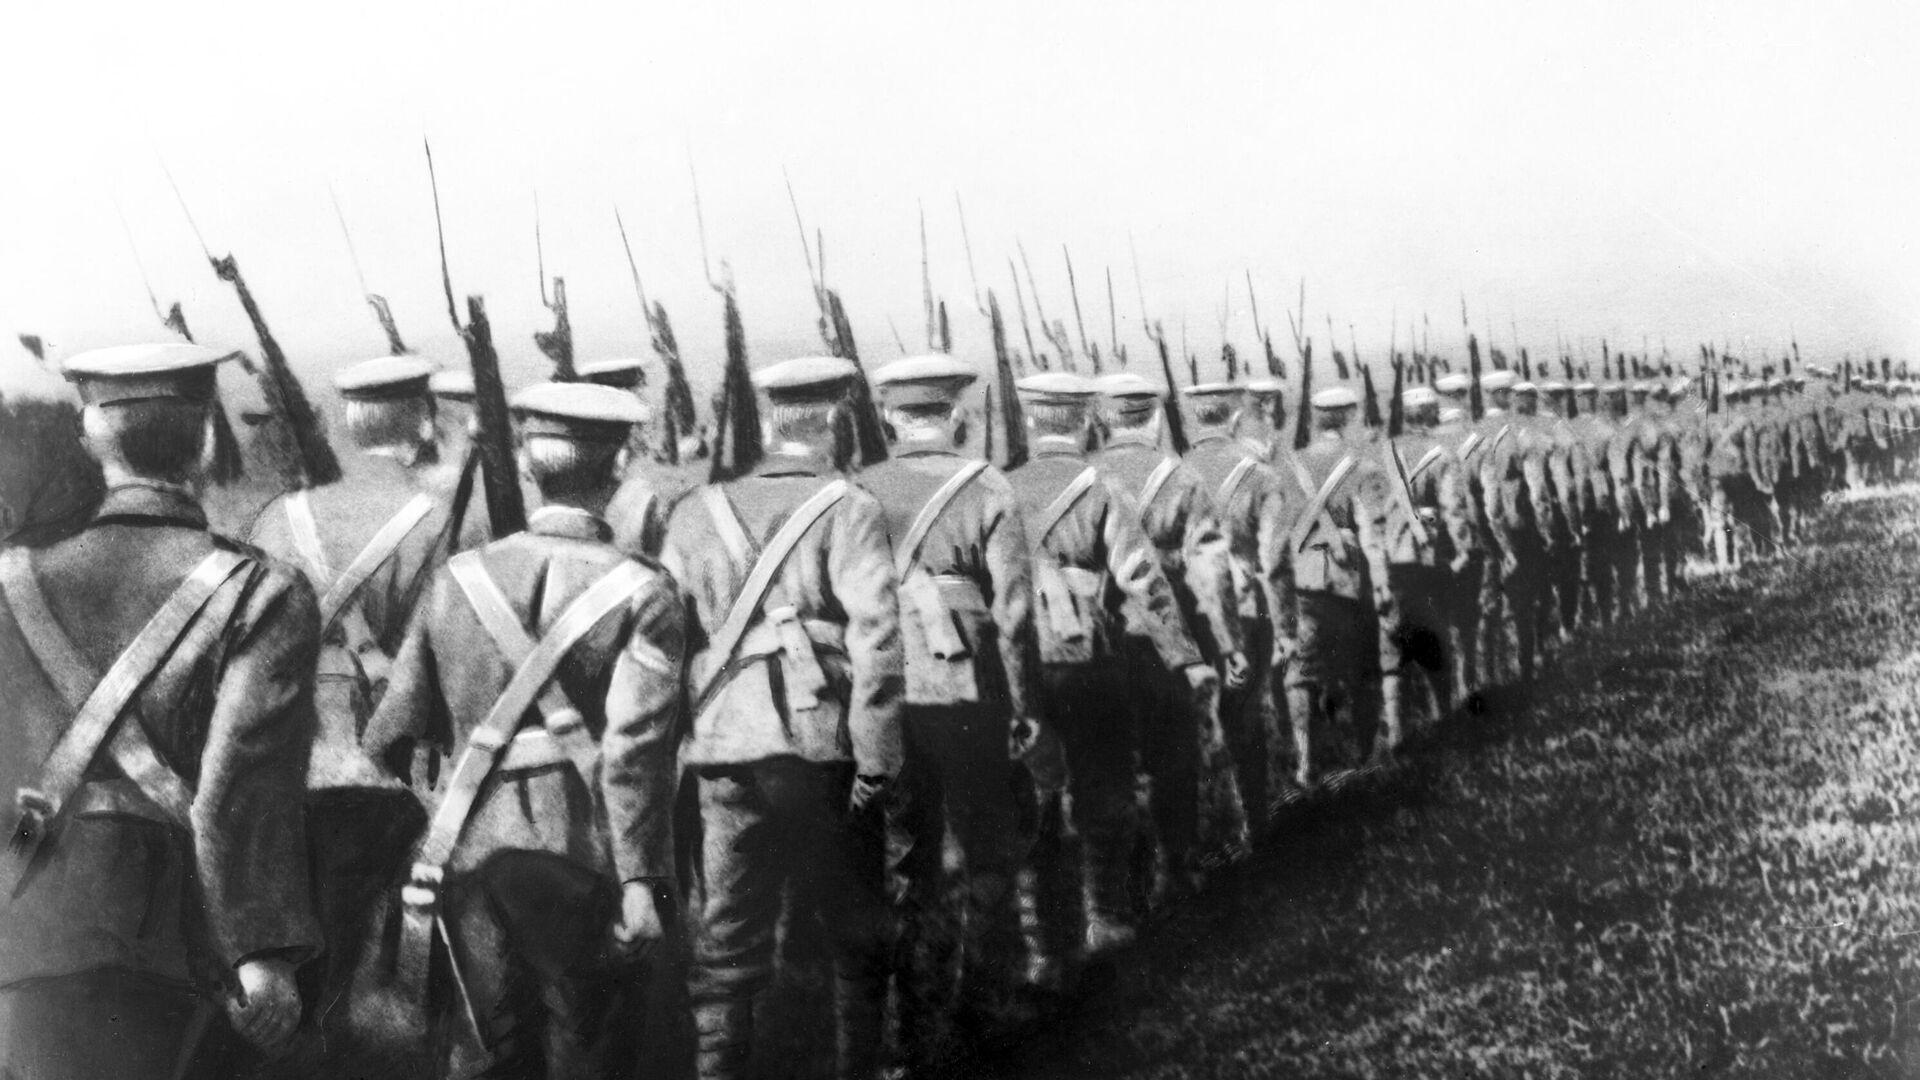 Soldados británicos en el Cáucaso durante la guerra civil rusa - Sputnik Mundo, 1920, 12.03.2021